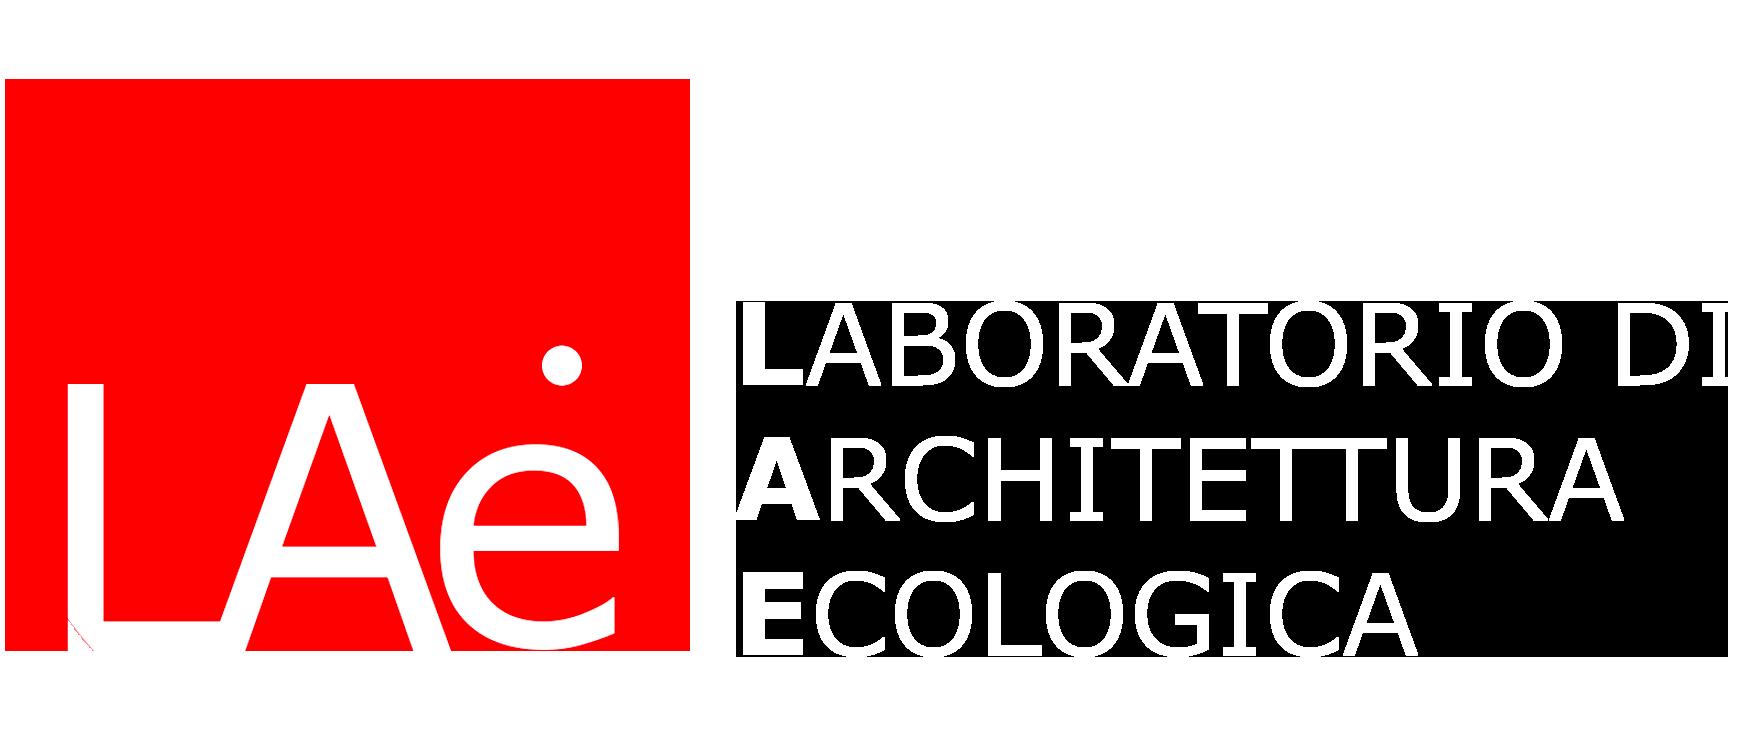 Arch. Lucia Corti